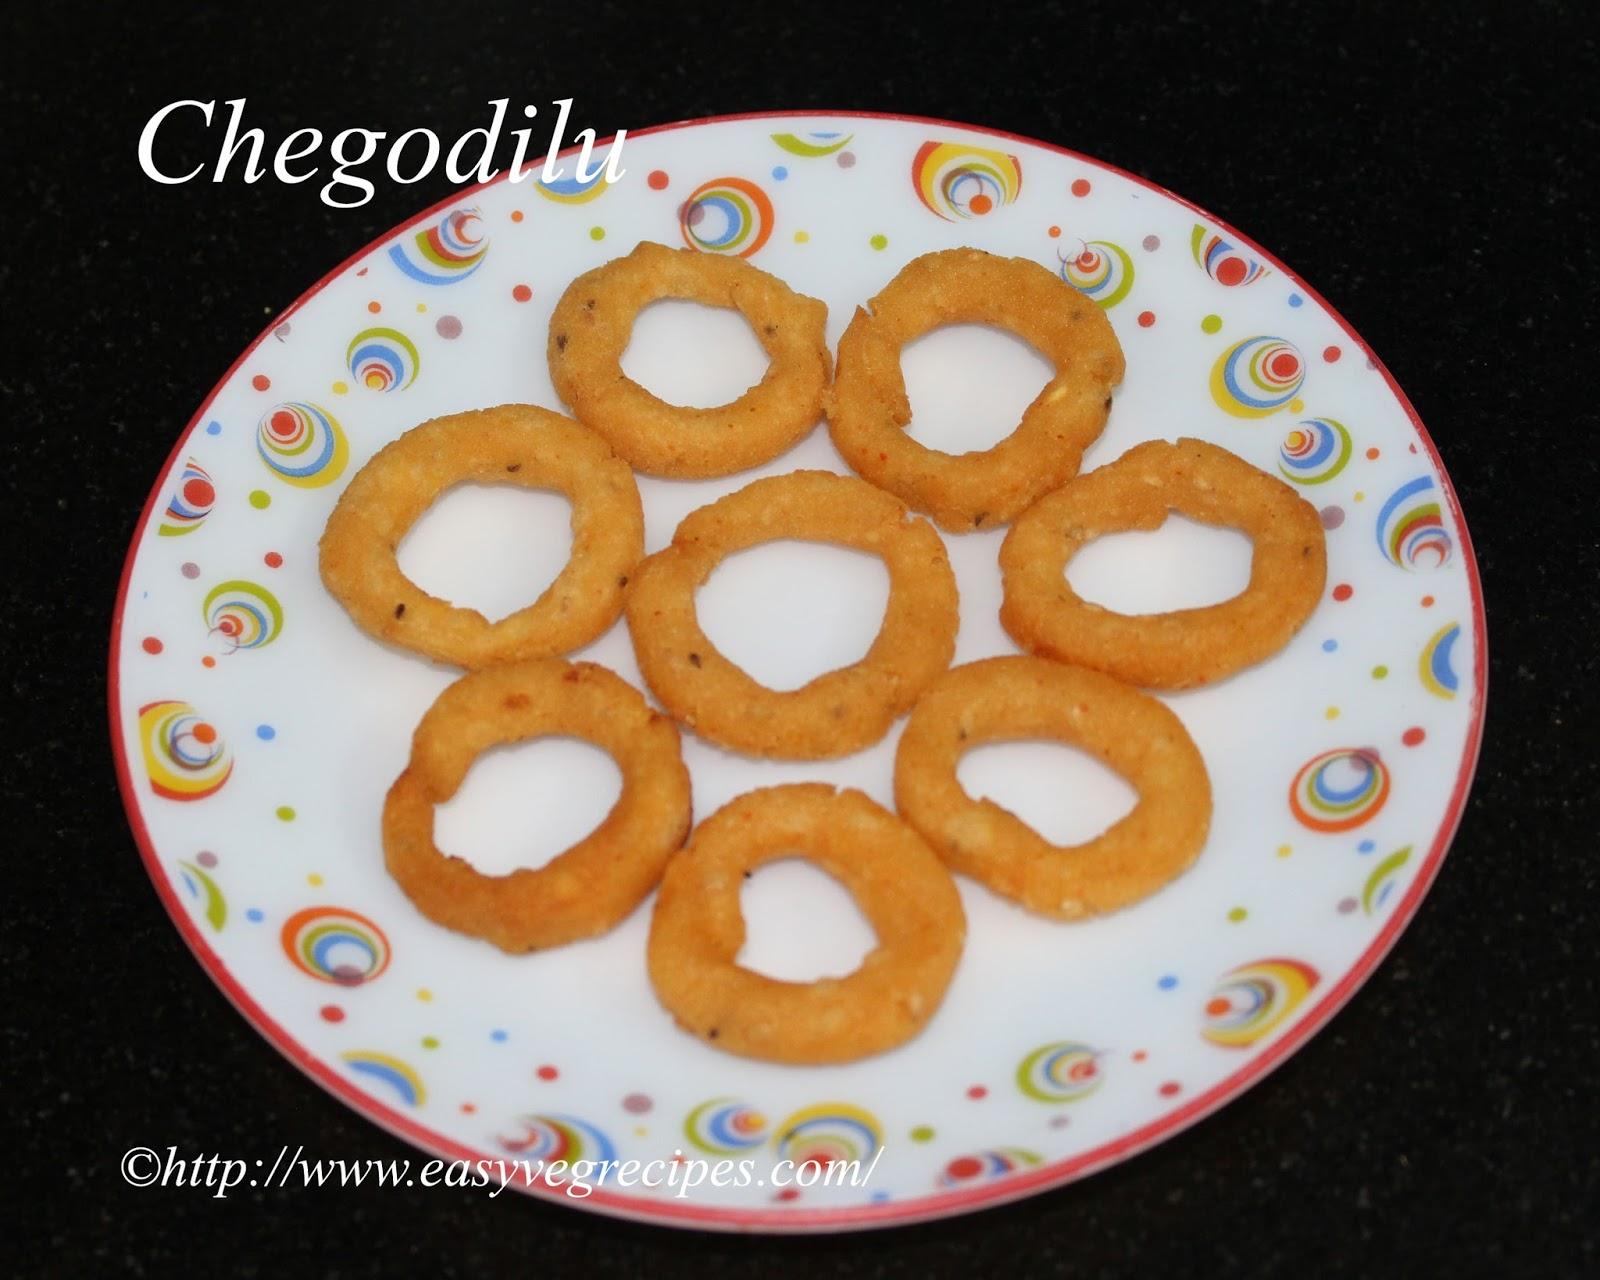 Chegodilu